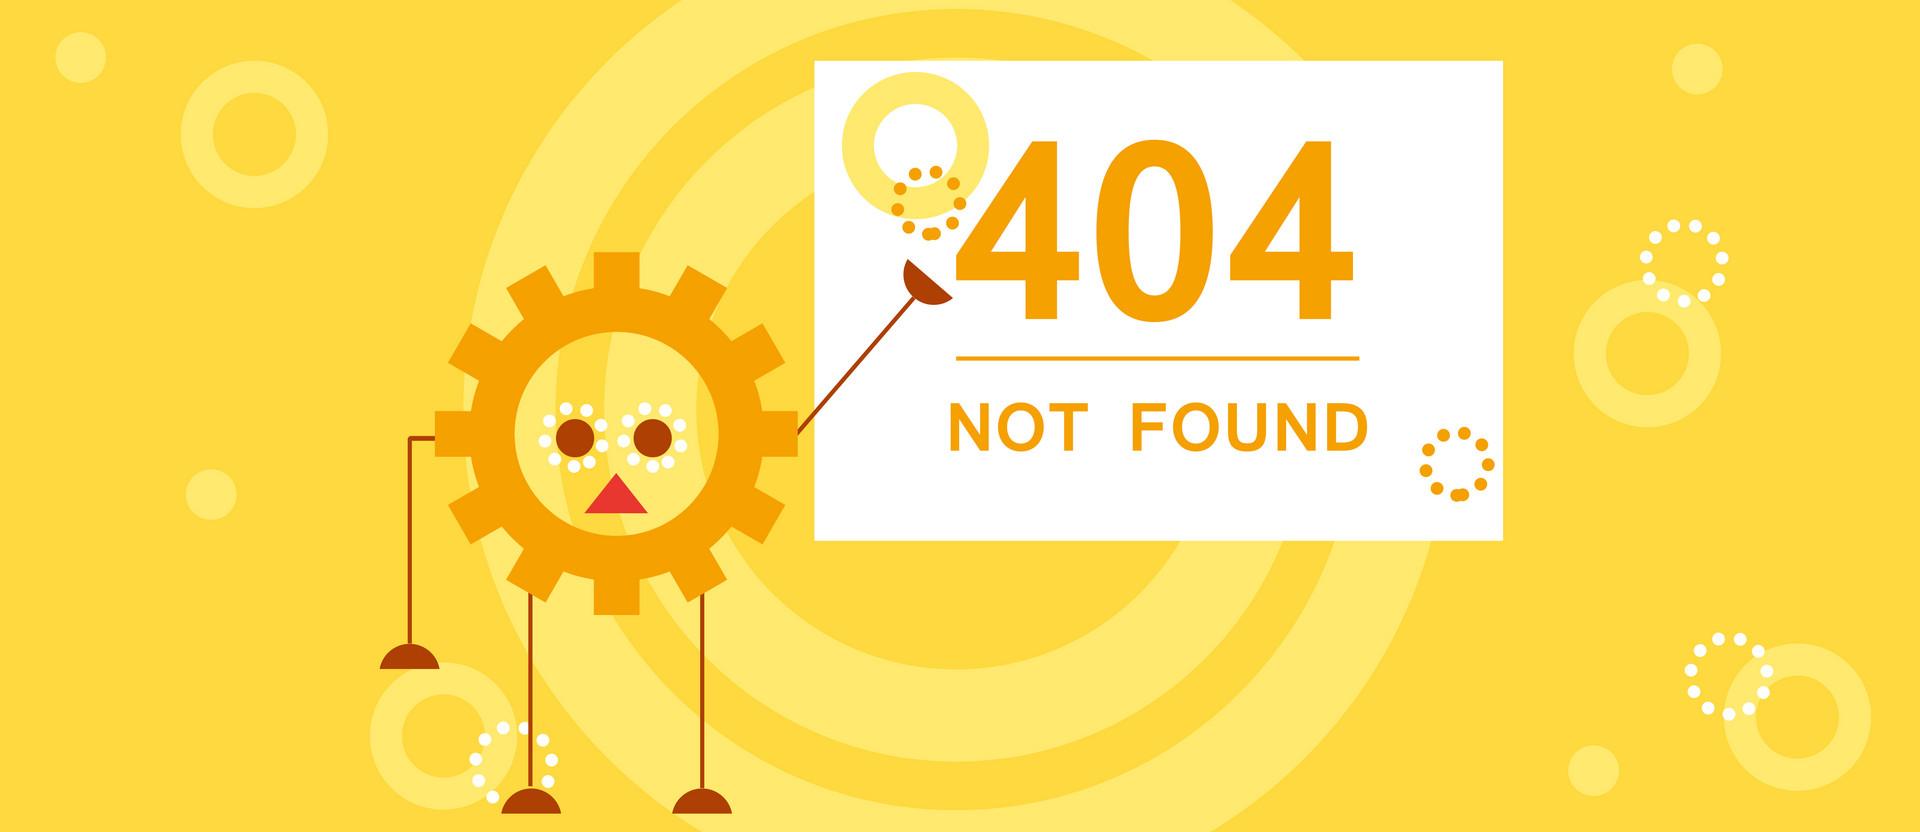 网站建设中设计404页面的方法